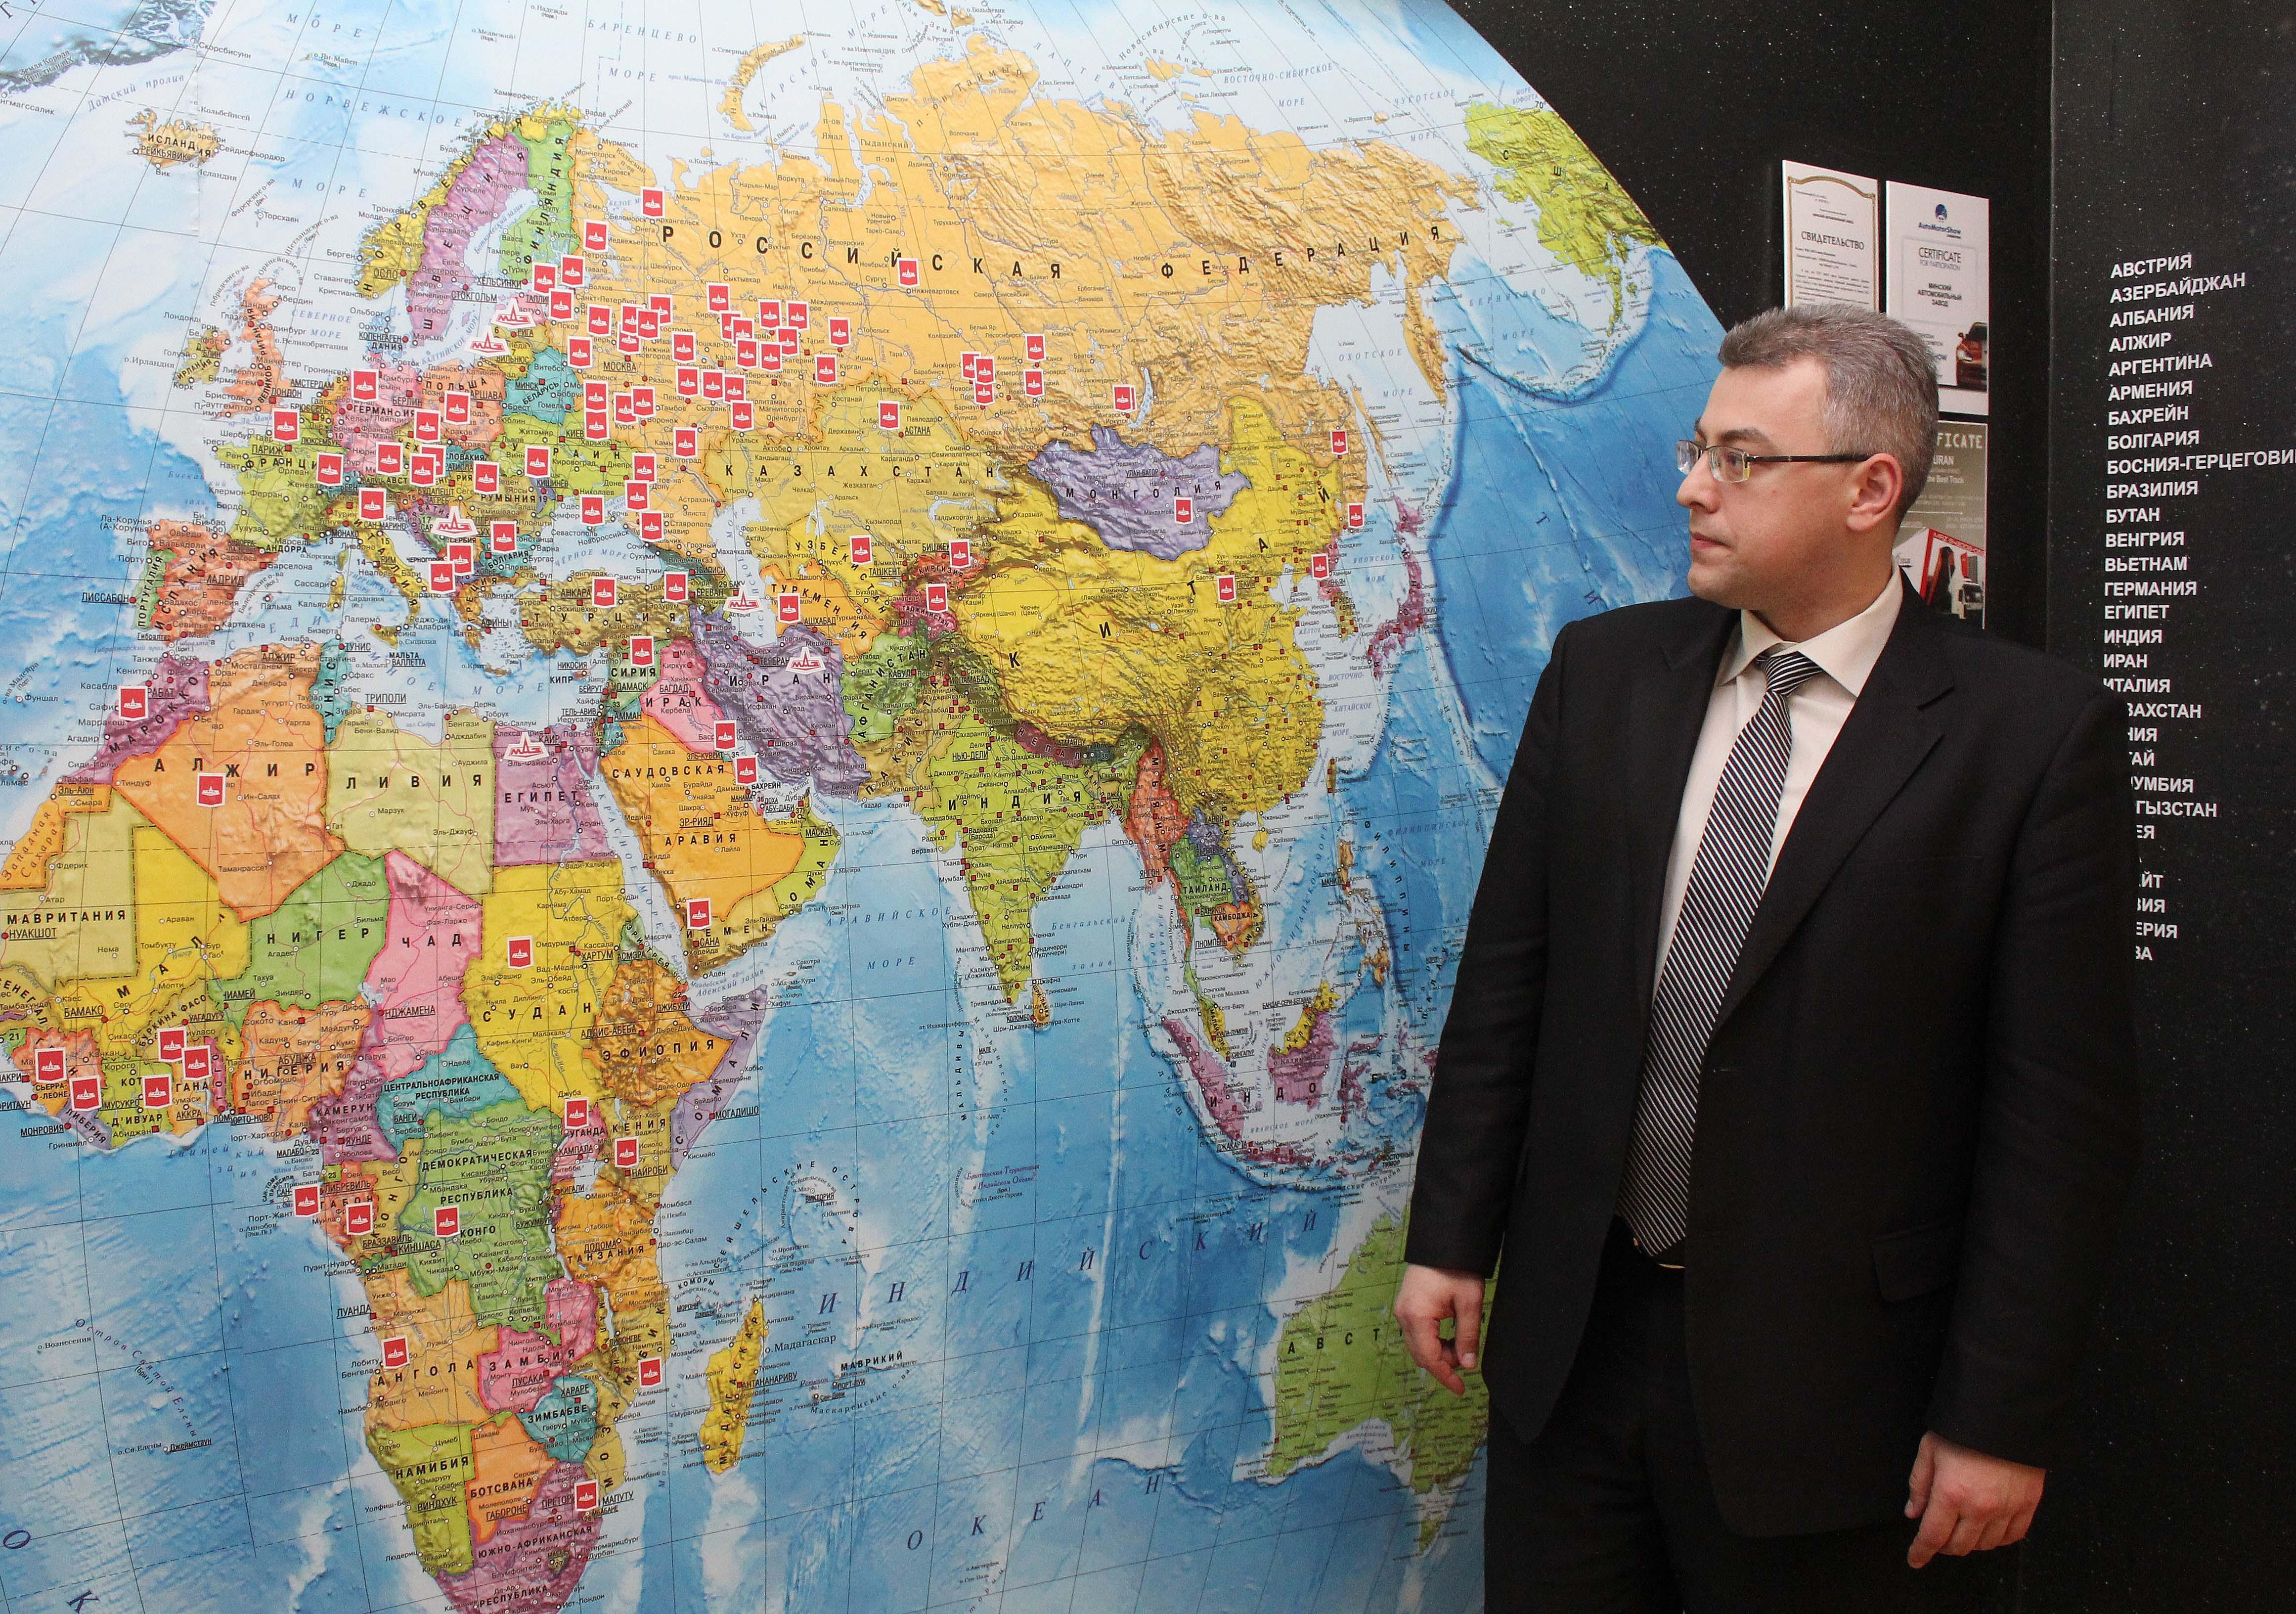 Евгений Крупенько у карты мира, на которой продемонстрирована география МАЗа